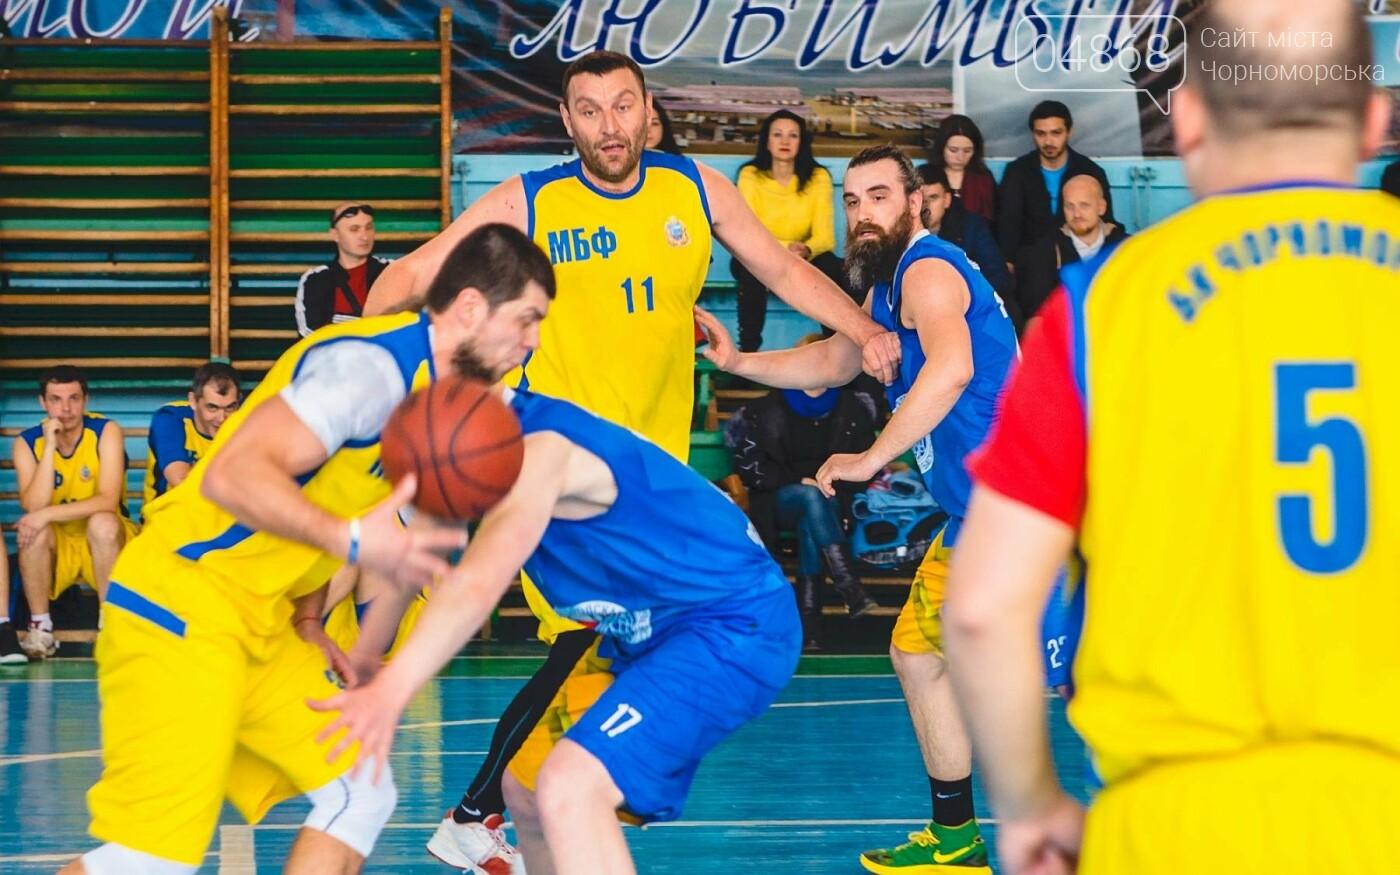 Чемпионат по баскетболу завершился победой команды Черноморска, фото-3